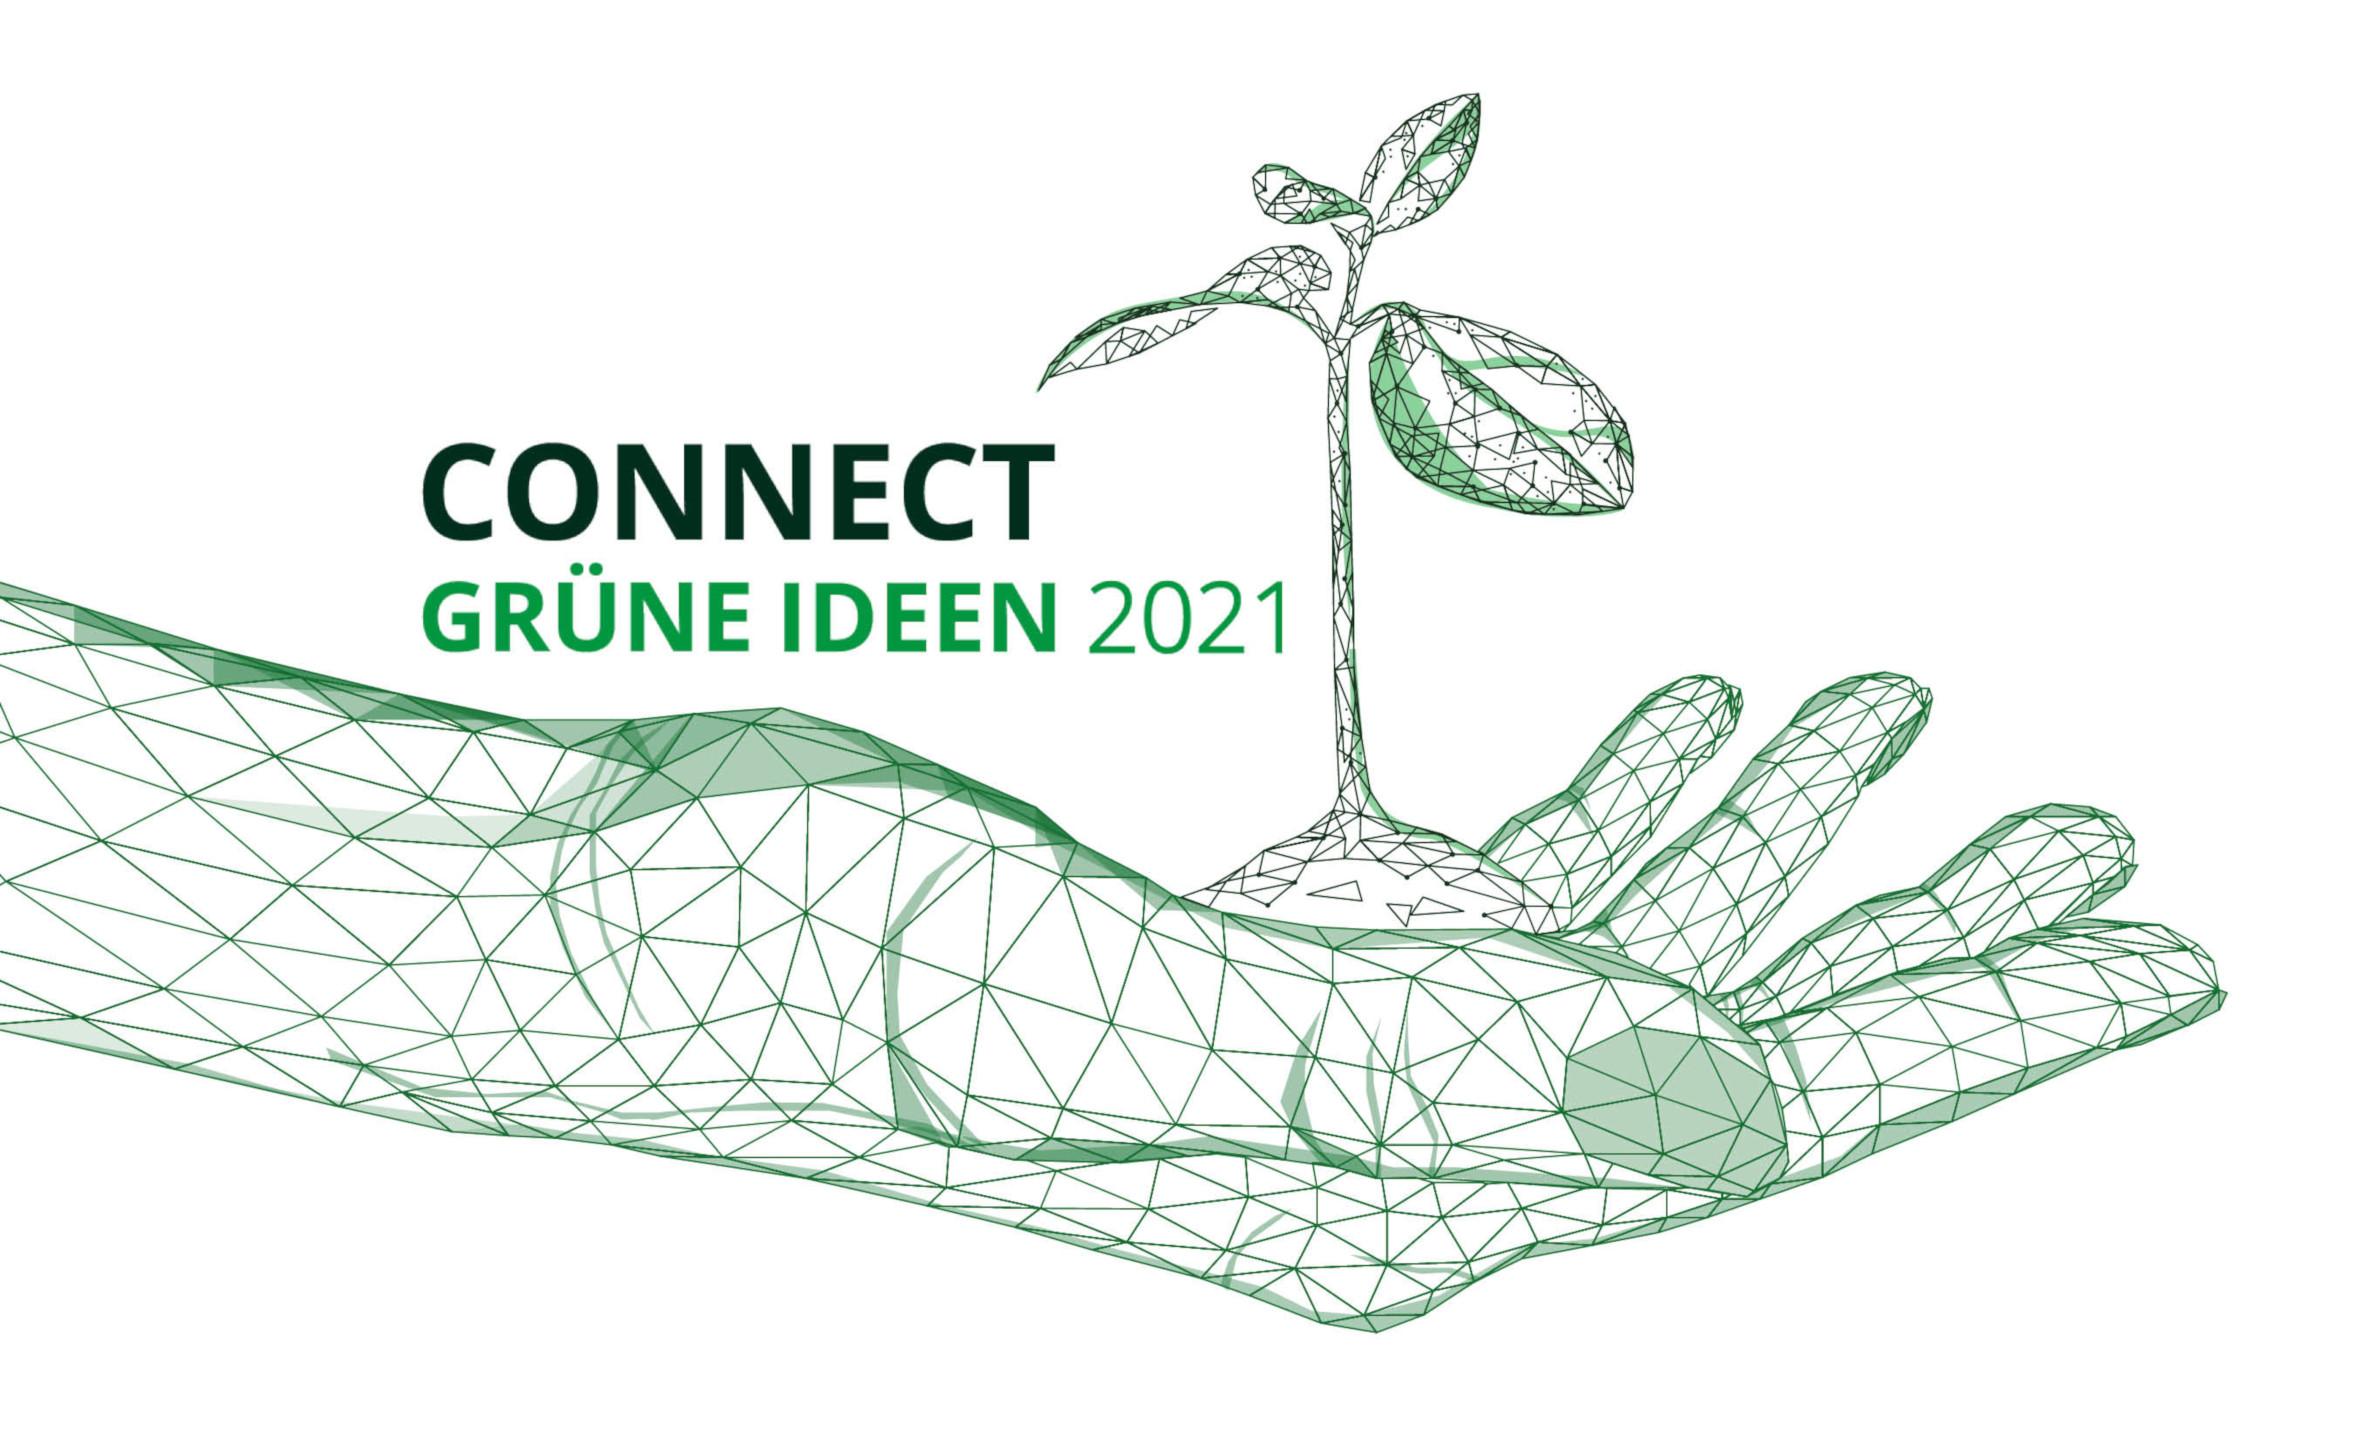 CONNECT – GRÜNE IDEEN 2021